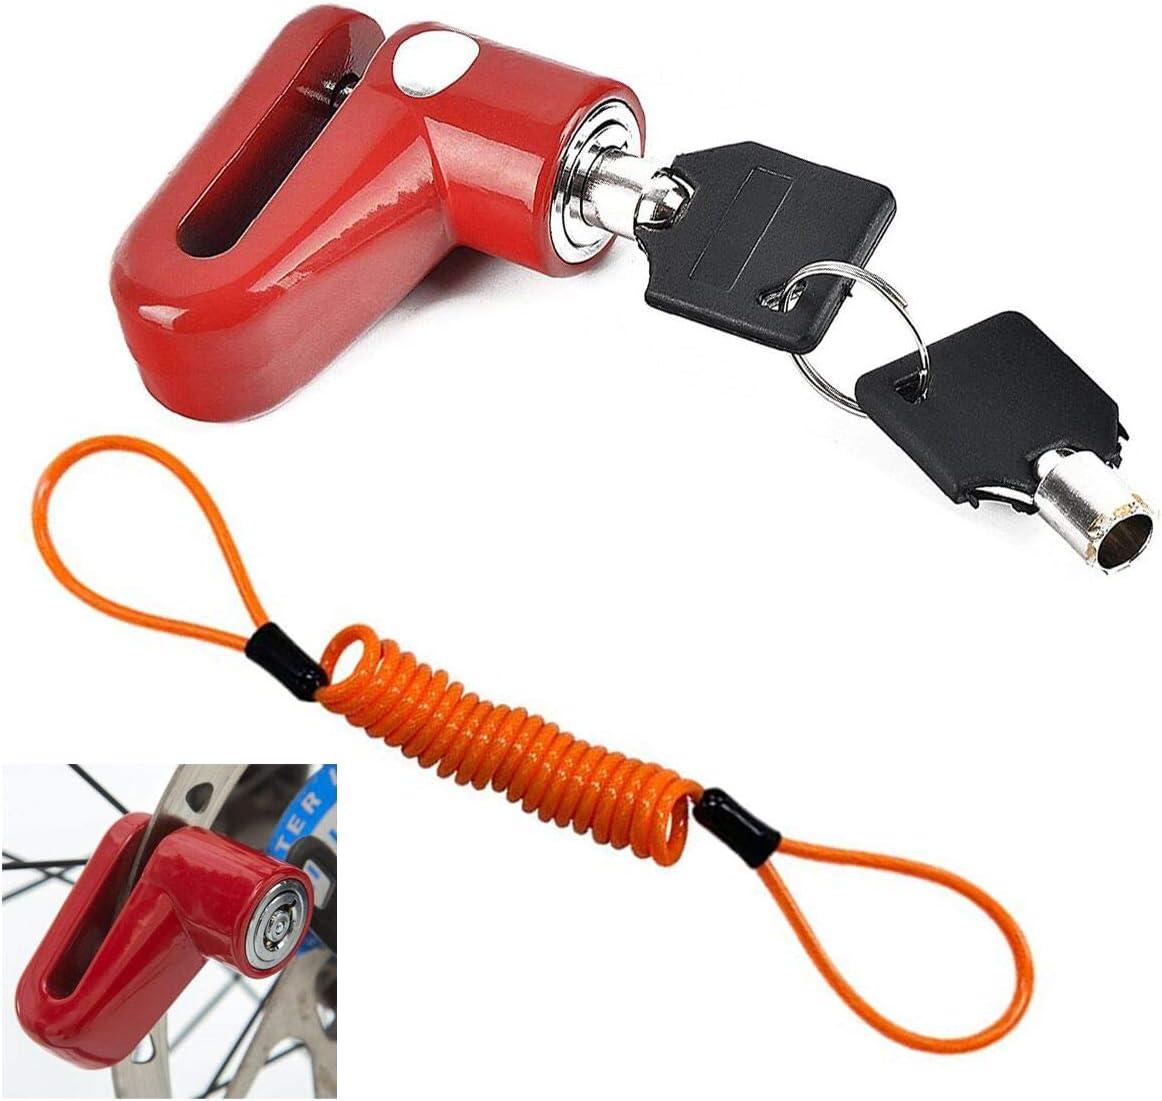 C/âble Rappel Antivol Bloque Disque Alarme 110 DB V/élo /électrique Antivol Moto Bloque Disque Bloc Disque avec Alarme Disc Lock Scooter V/élo pour Moto Universelle Scooter